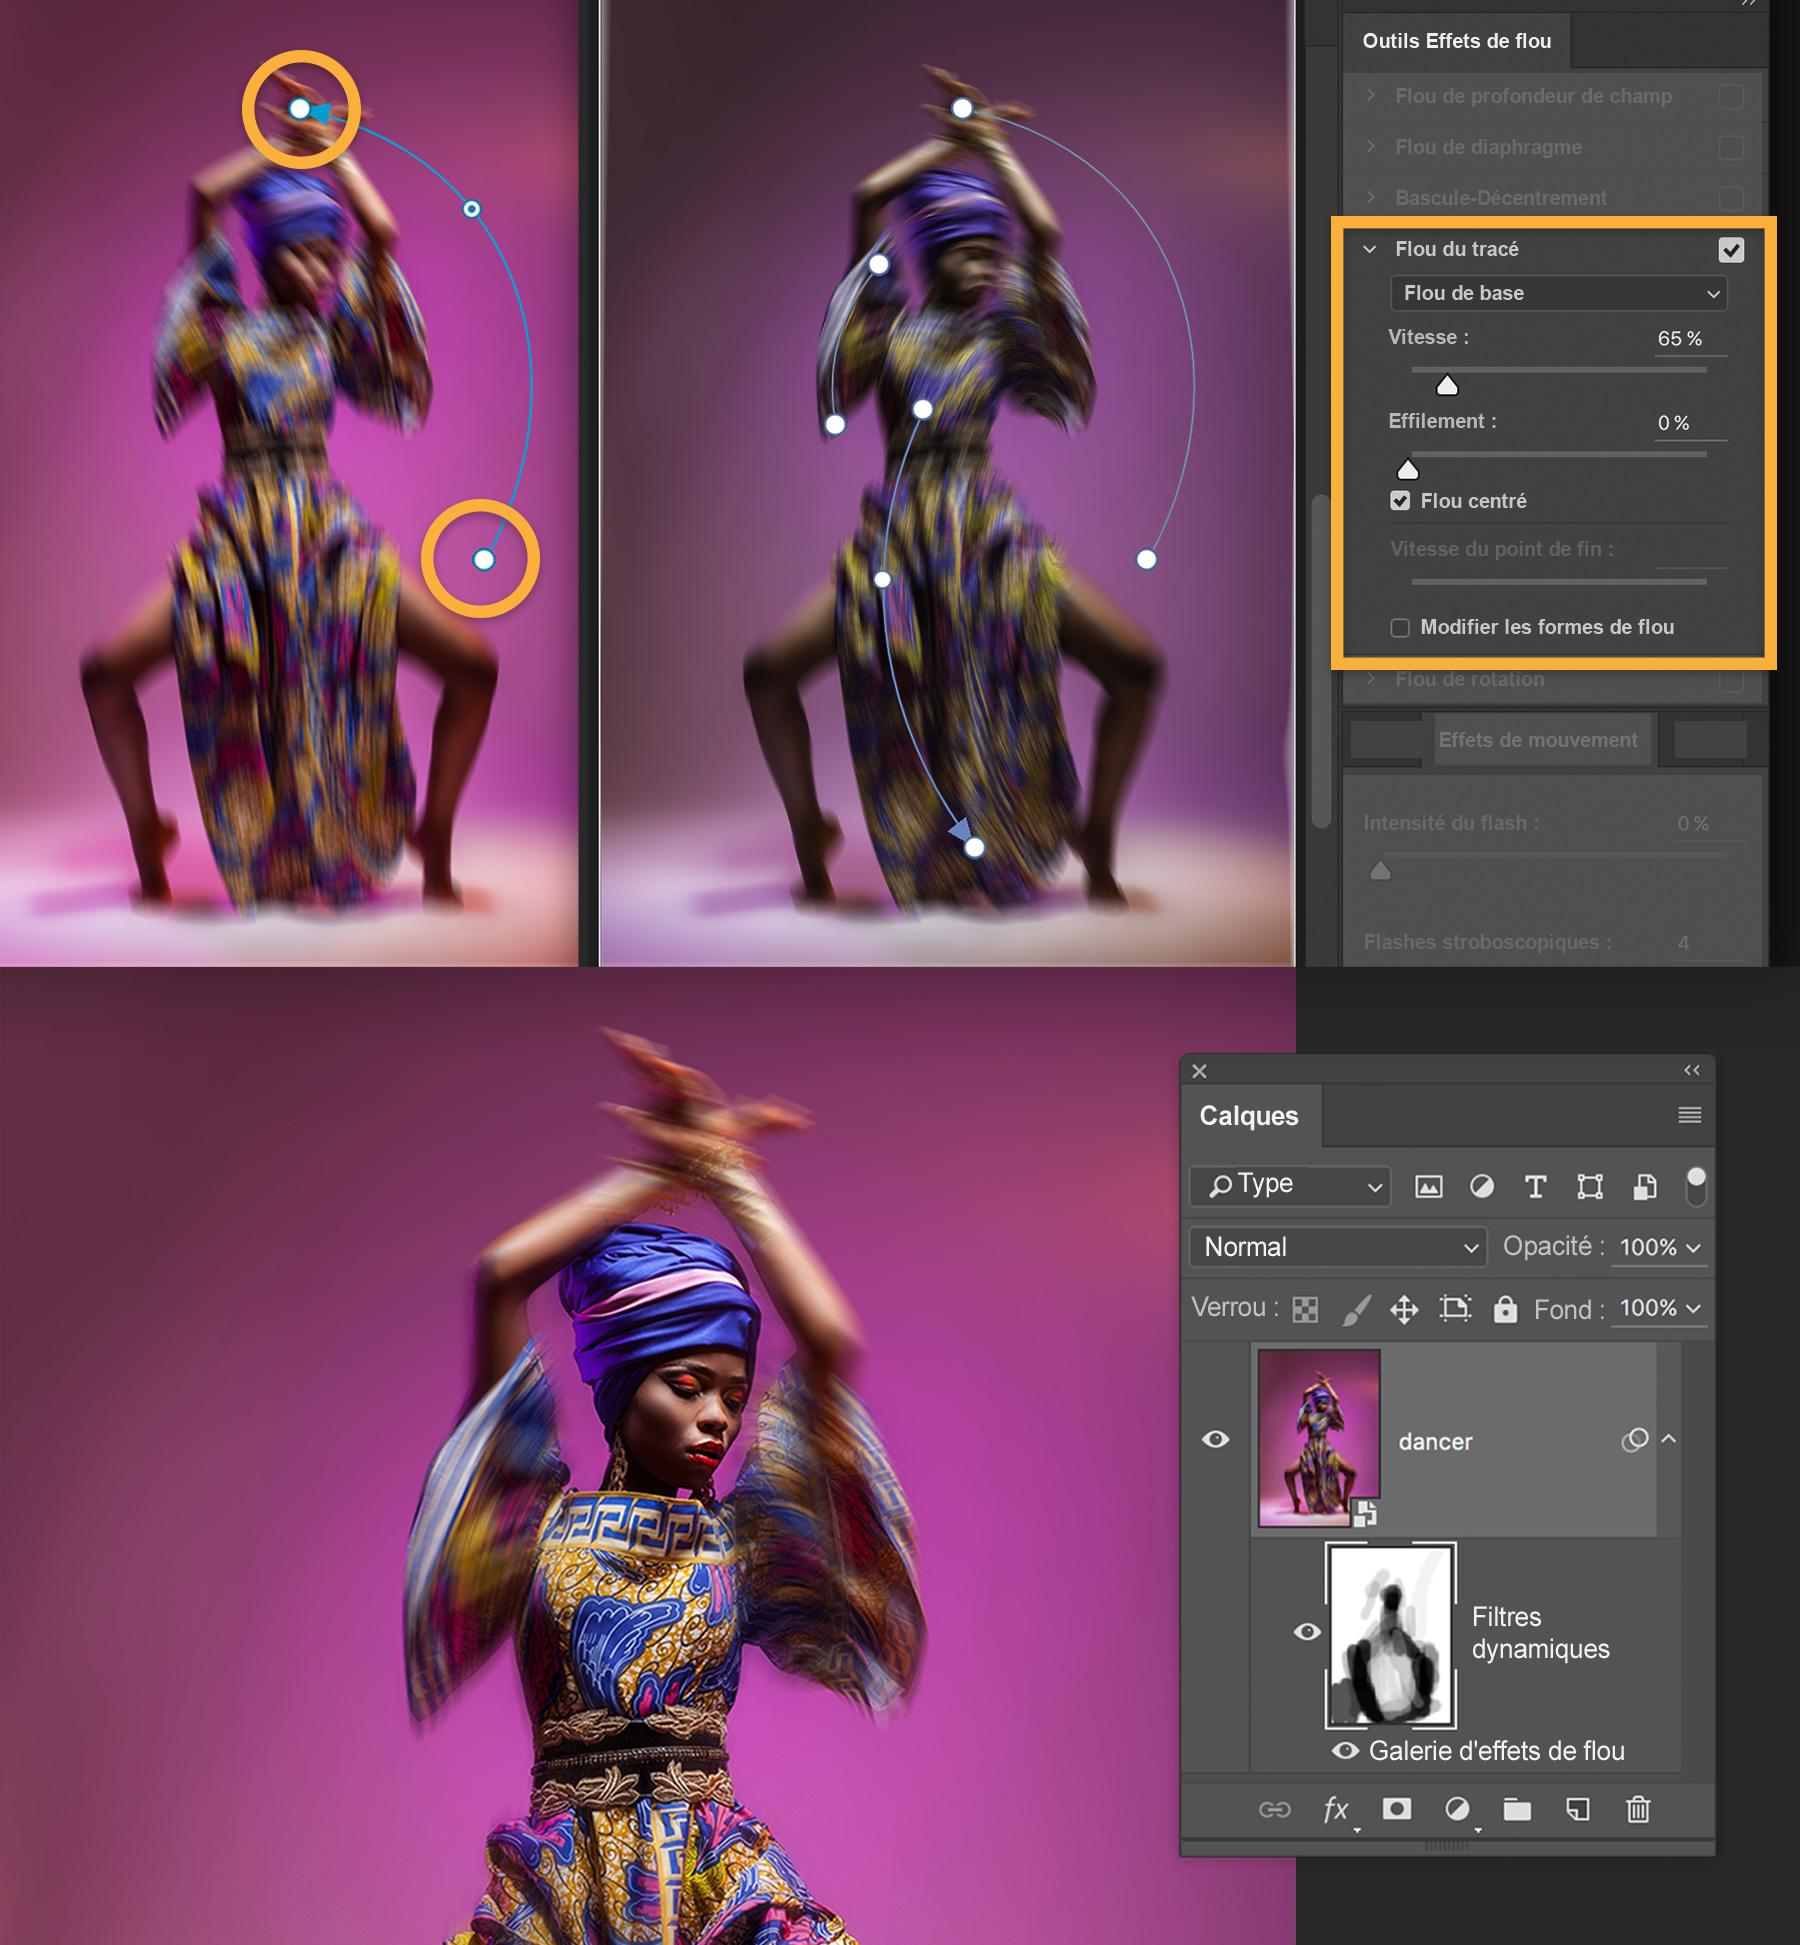 Utilisation Des Effets De Flou De Photoshop Pour Mettre En Mouvement Des Images Tutoriels Adobe Photoshop